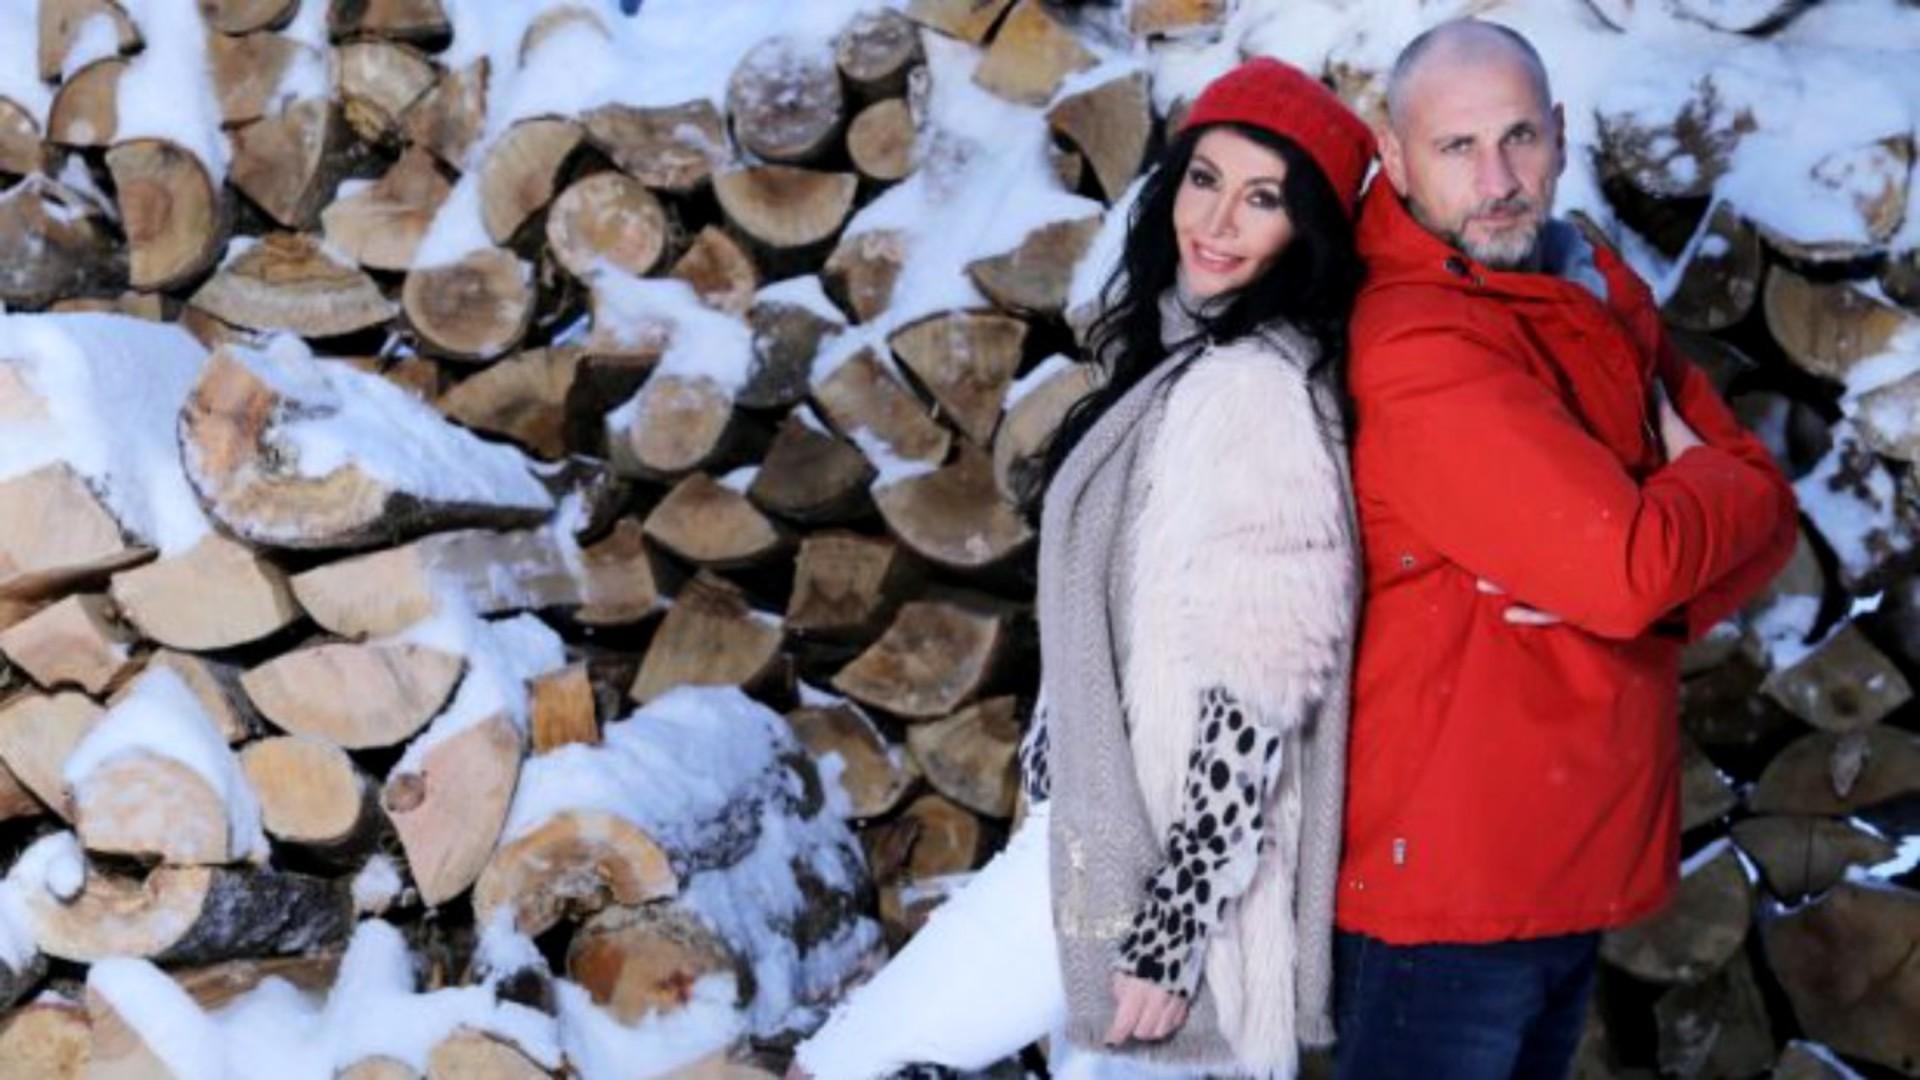 Surpriză de proporții pentru fani! Mihaela Rădulescu revine la televizor